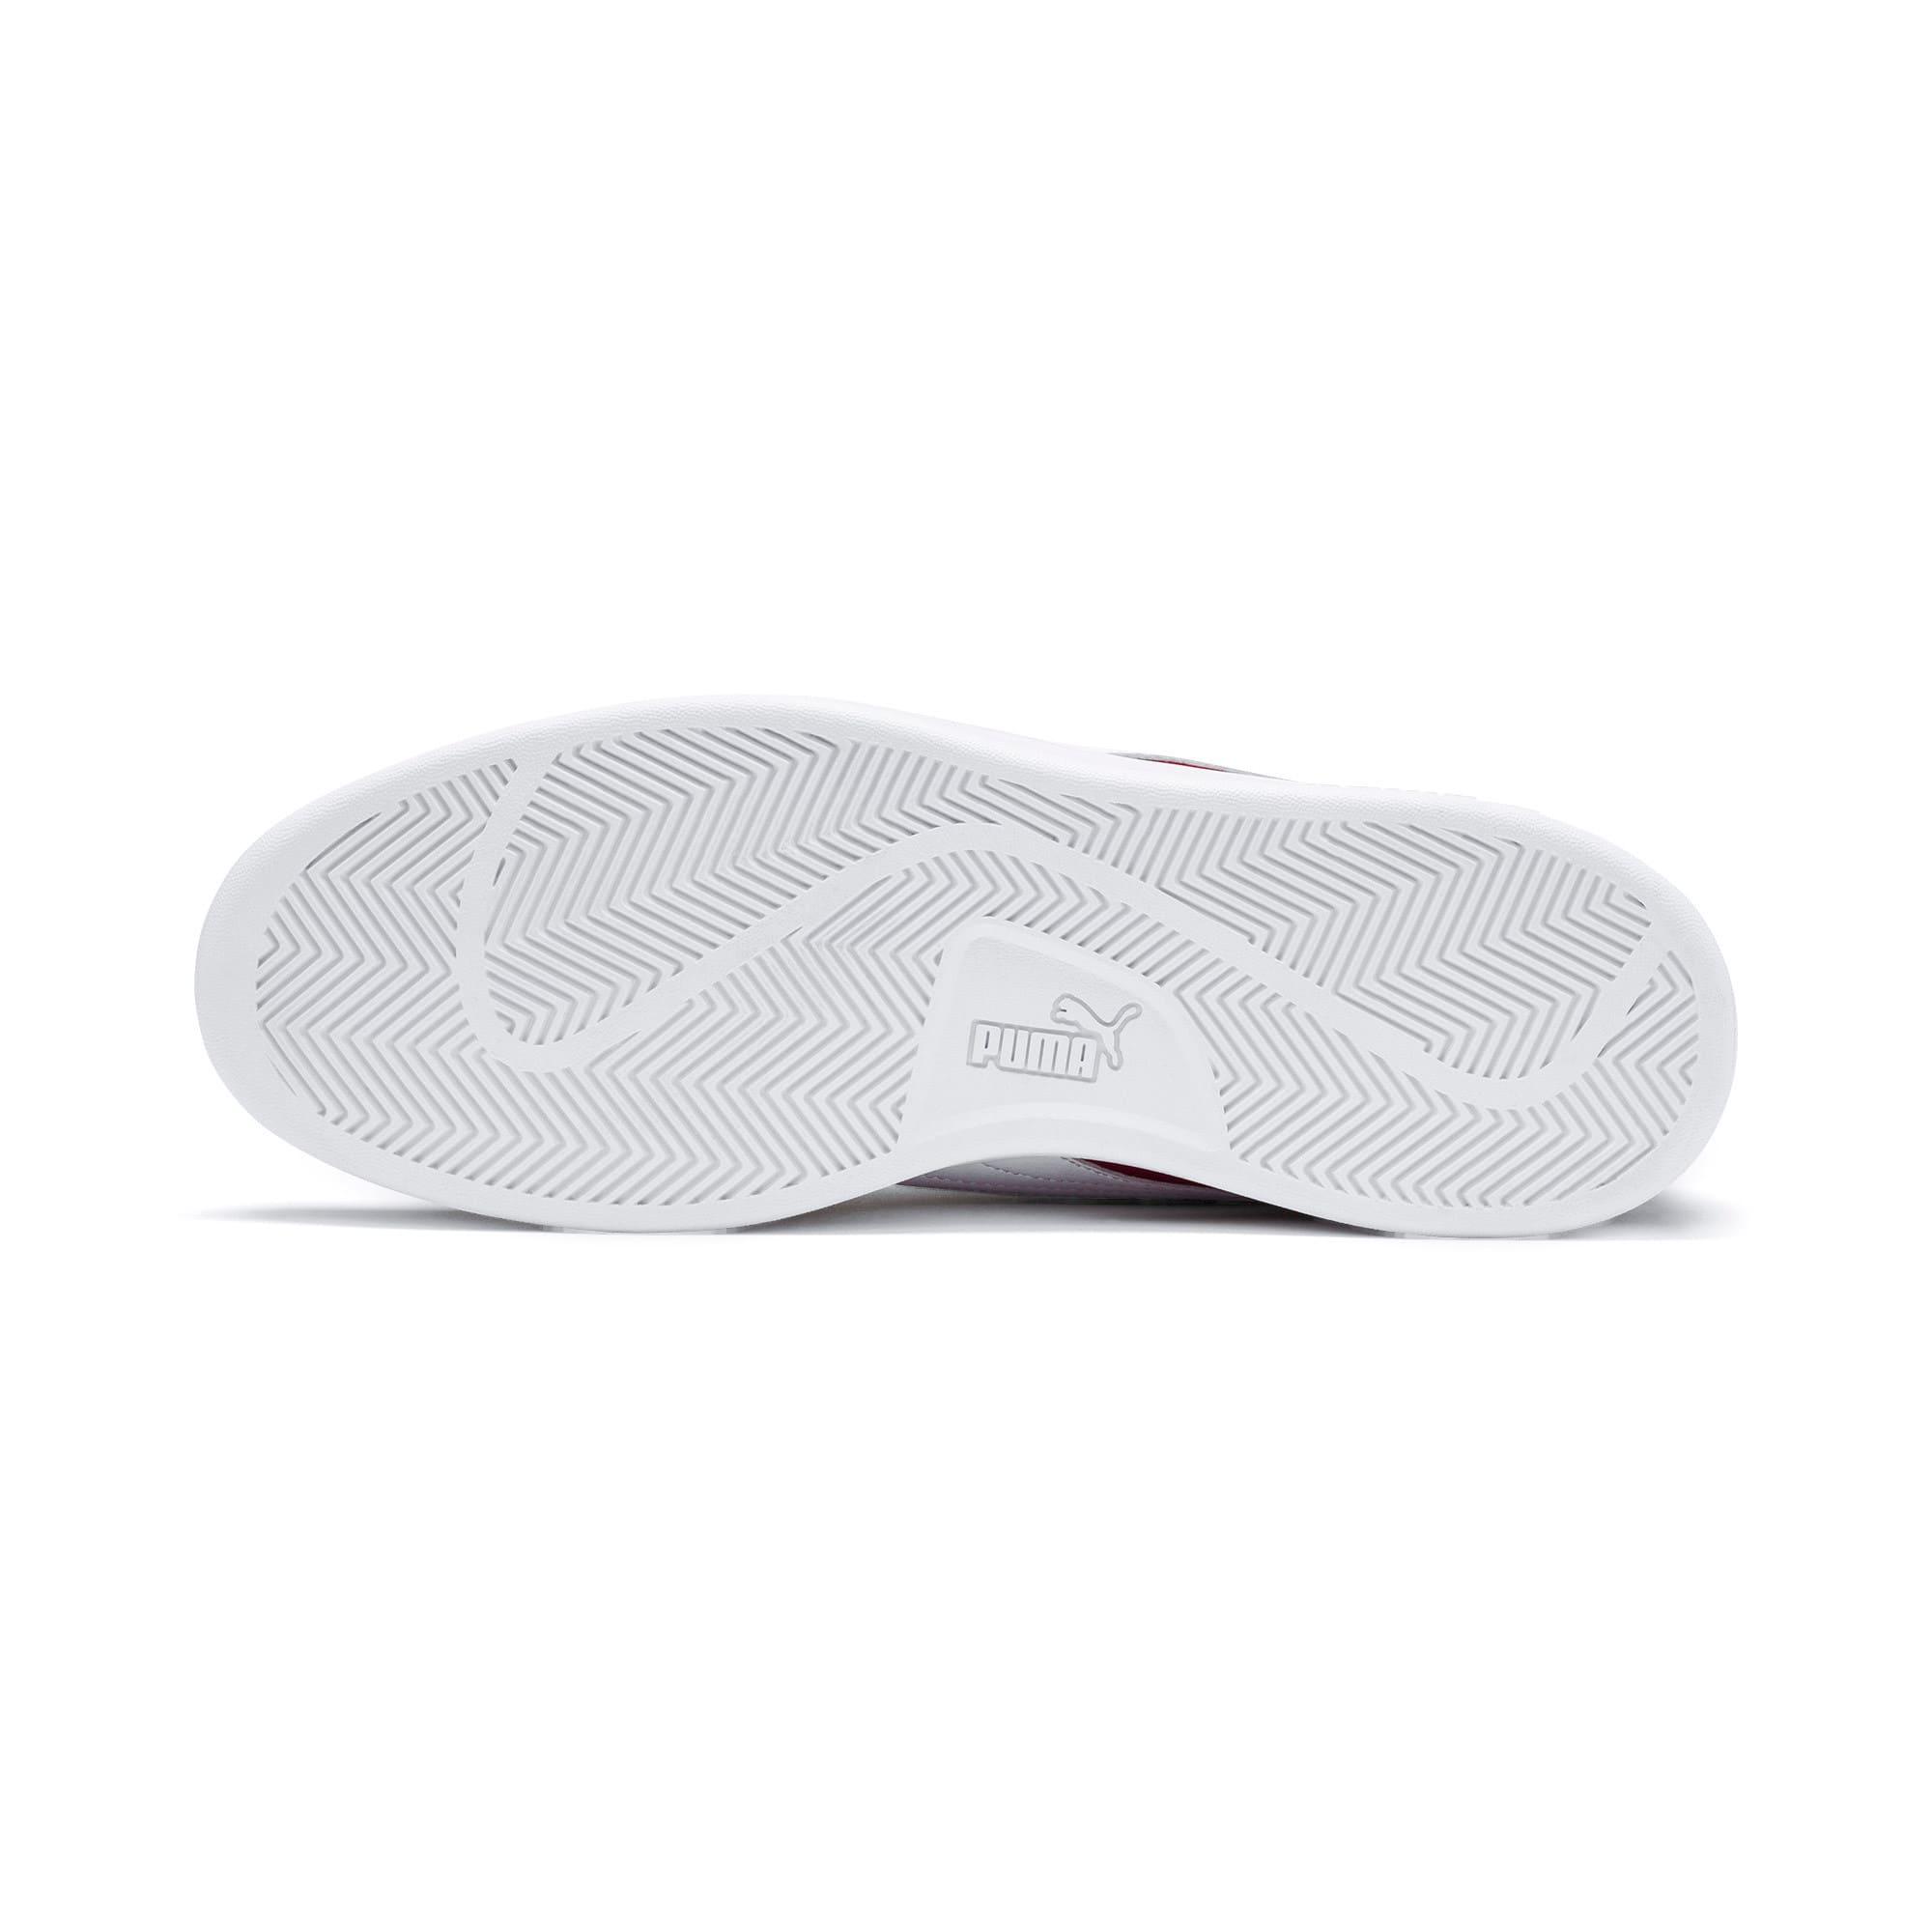 Thumbnail 5 of PUMA Smash v2 Sneakers, Rhubarb-Puma Team Gold-White, medium